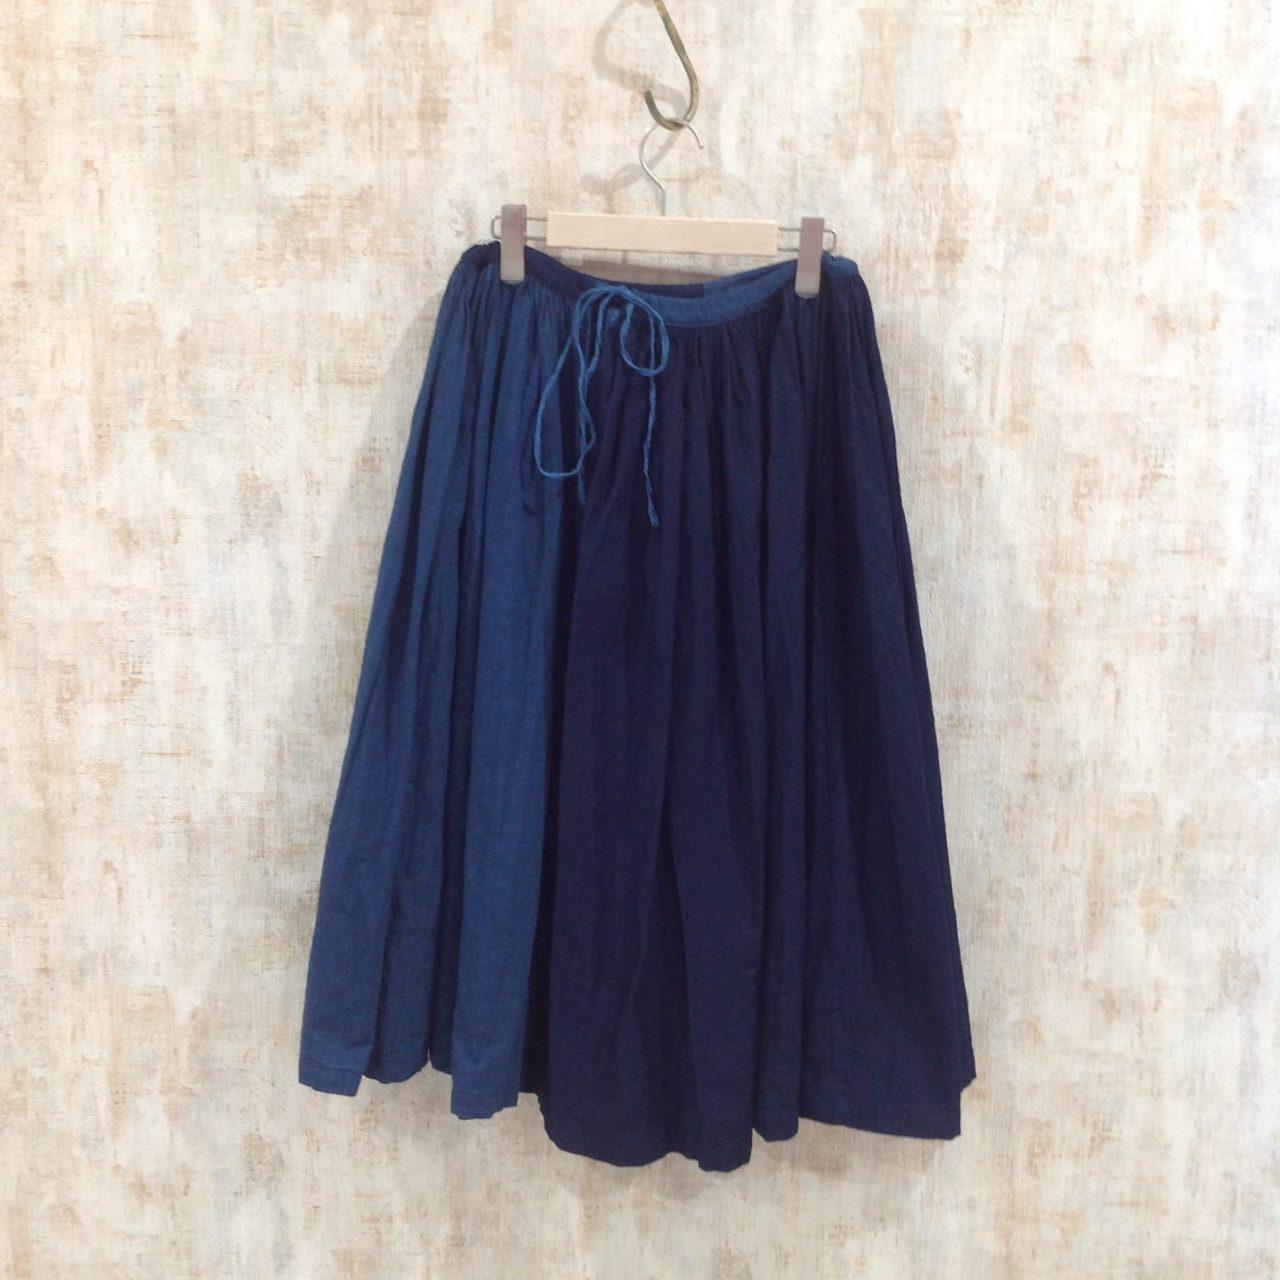 オールドマンズテーラーの染め具合が絶妙なスカート